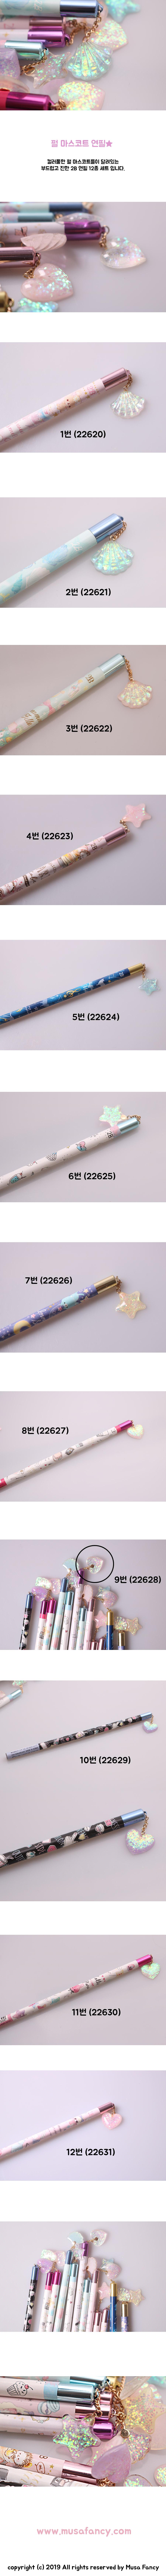 펄마스코트연필 - 마사팬시, 1,500원, 연필, 베이직연필